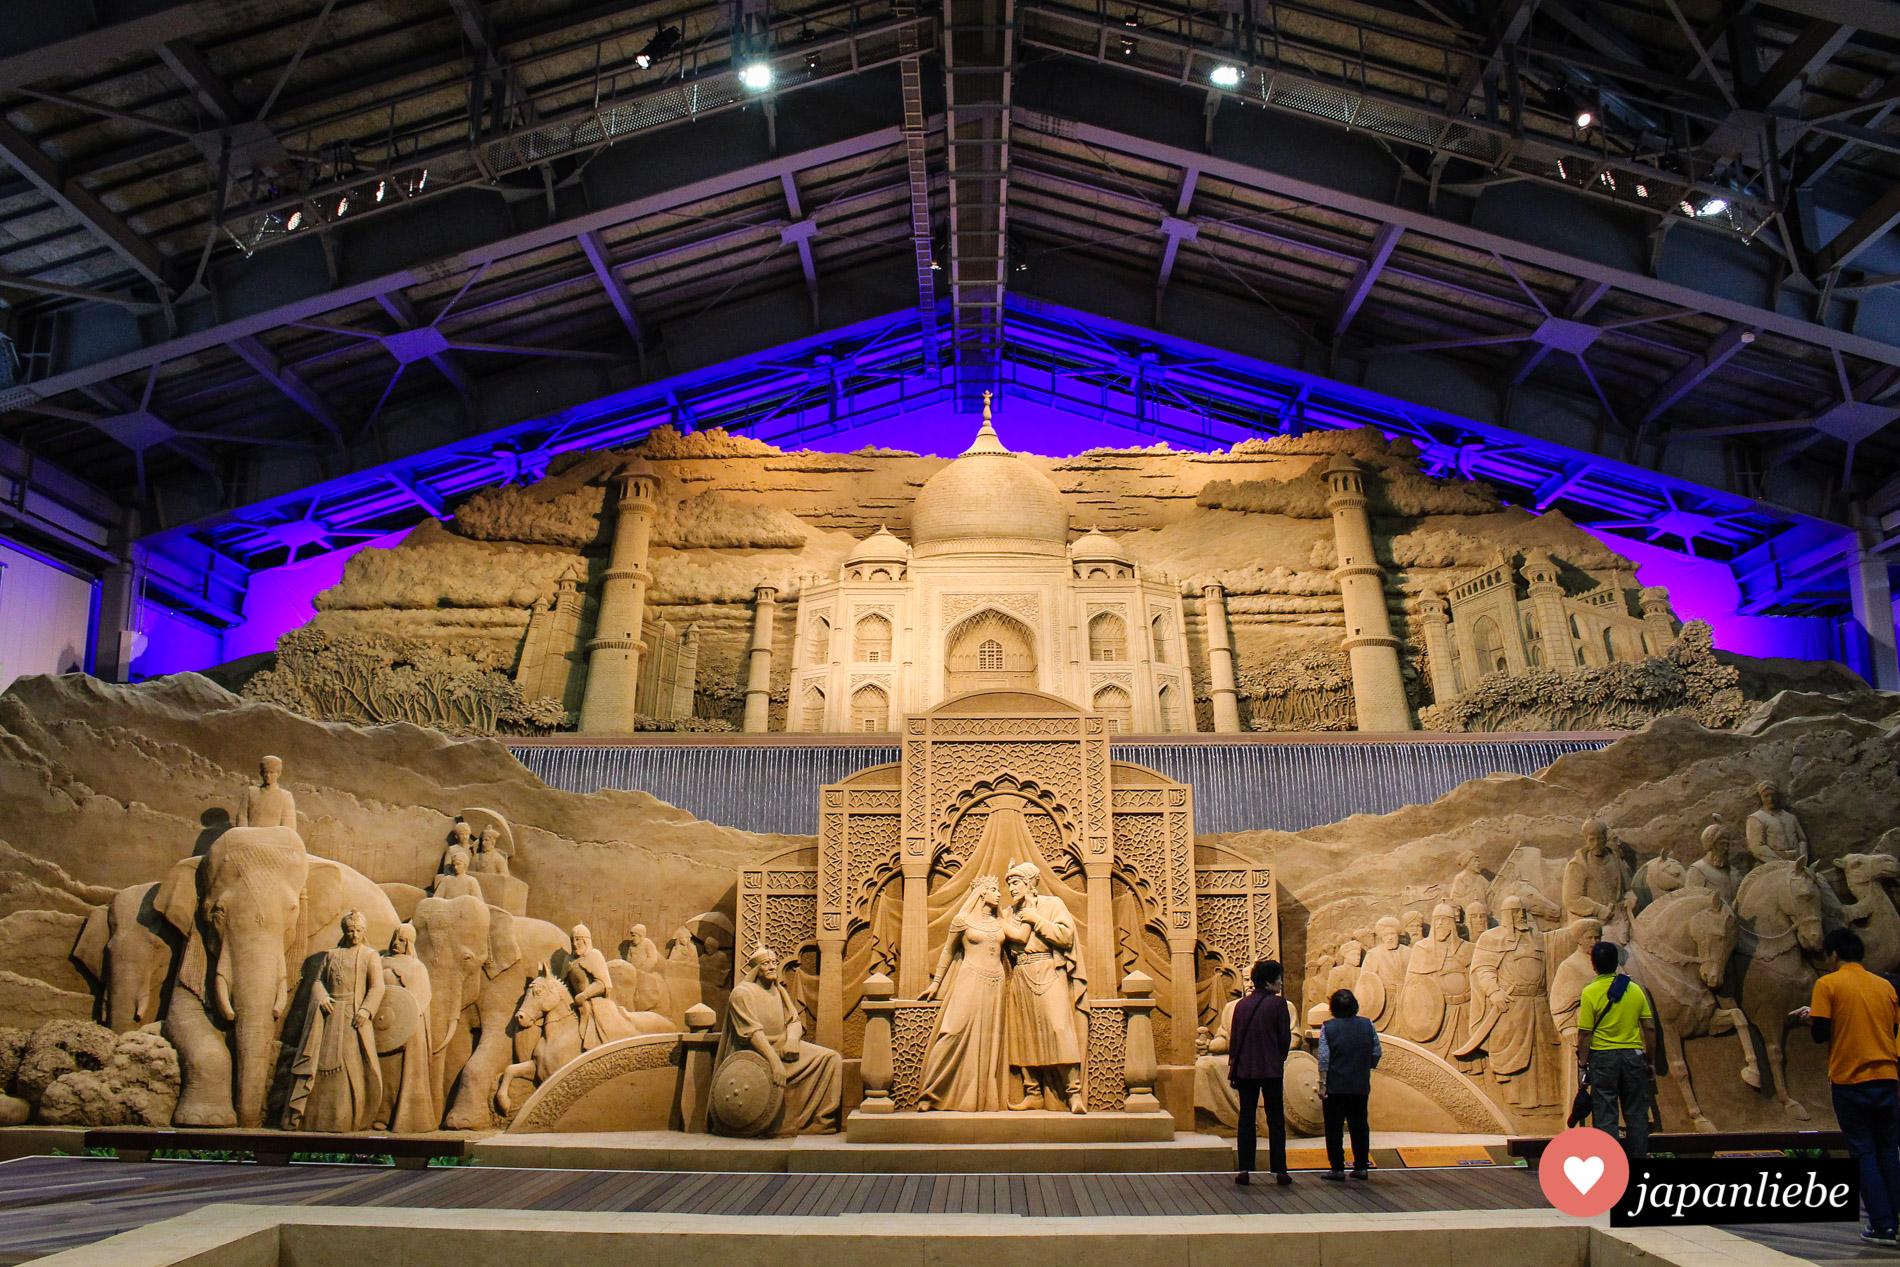 Die Hauptattraktion der Indien-Ausstellung im Sandmuseum von Tottori war dieses Panorama des Taj Mahals.